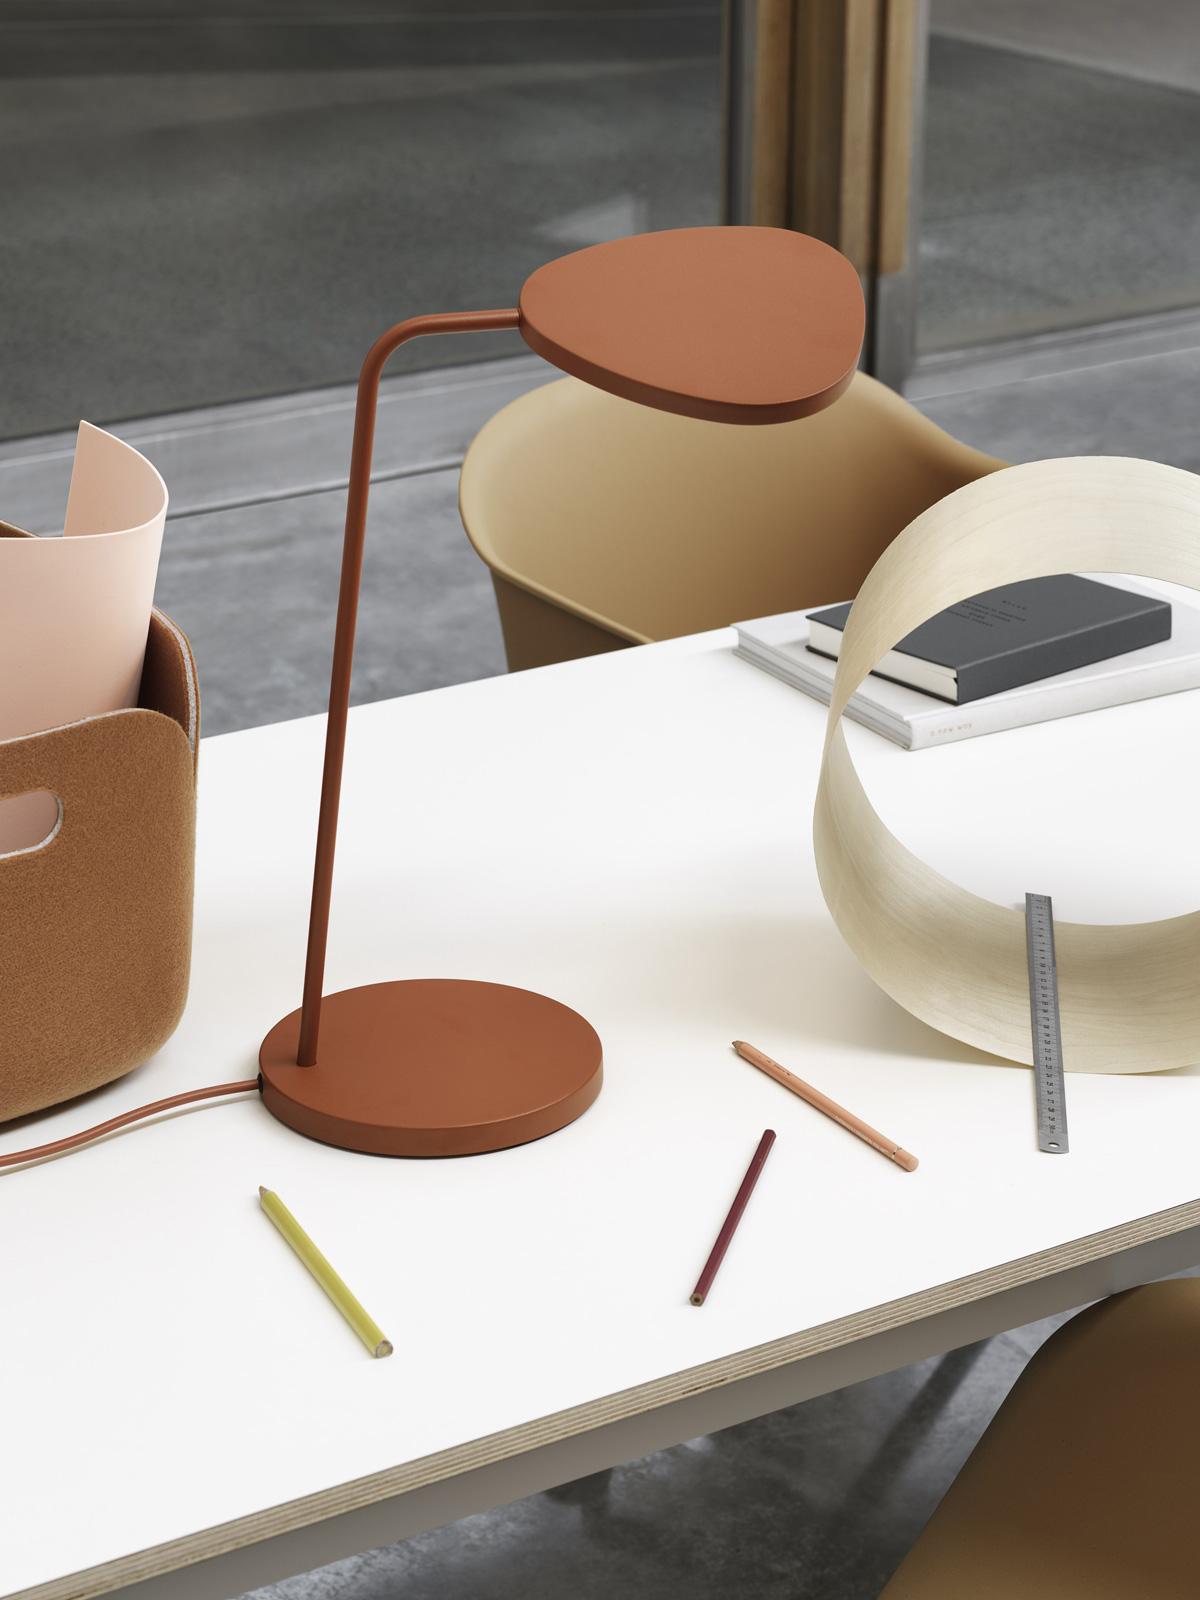 DeisgnOrt Blog: Trend: Farbige Leuchten Leaf Table LED Tischlampe muuto DesignOrt Onlineshop Lampen Berlin